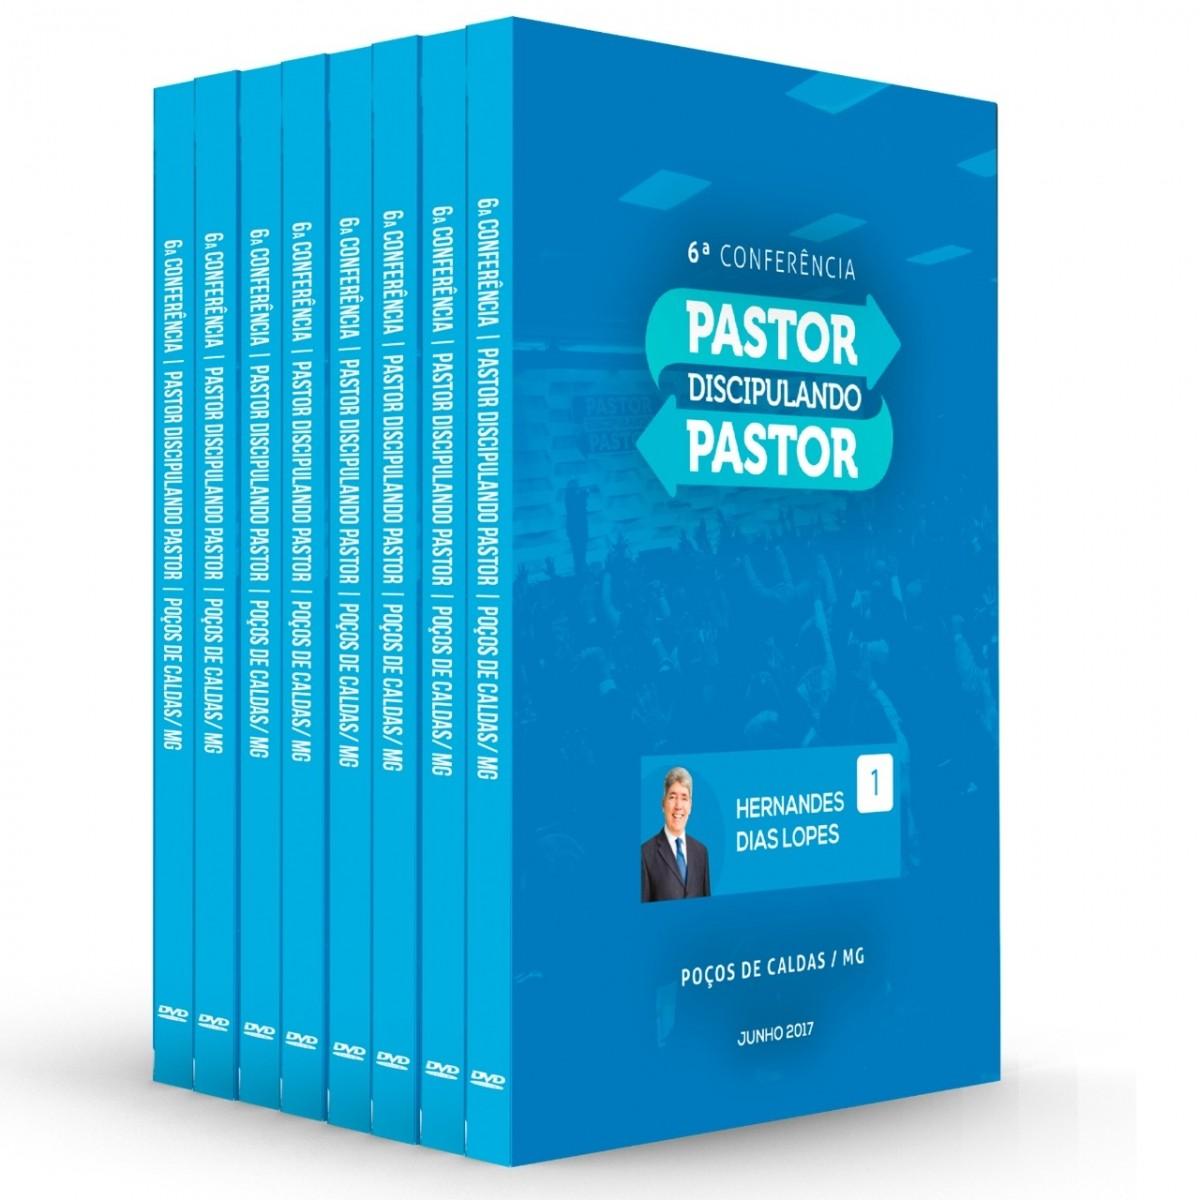 KIT DVDs Pastor Discipulando Pastor 2017 (11 DVDs)